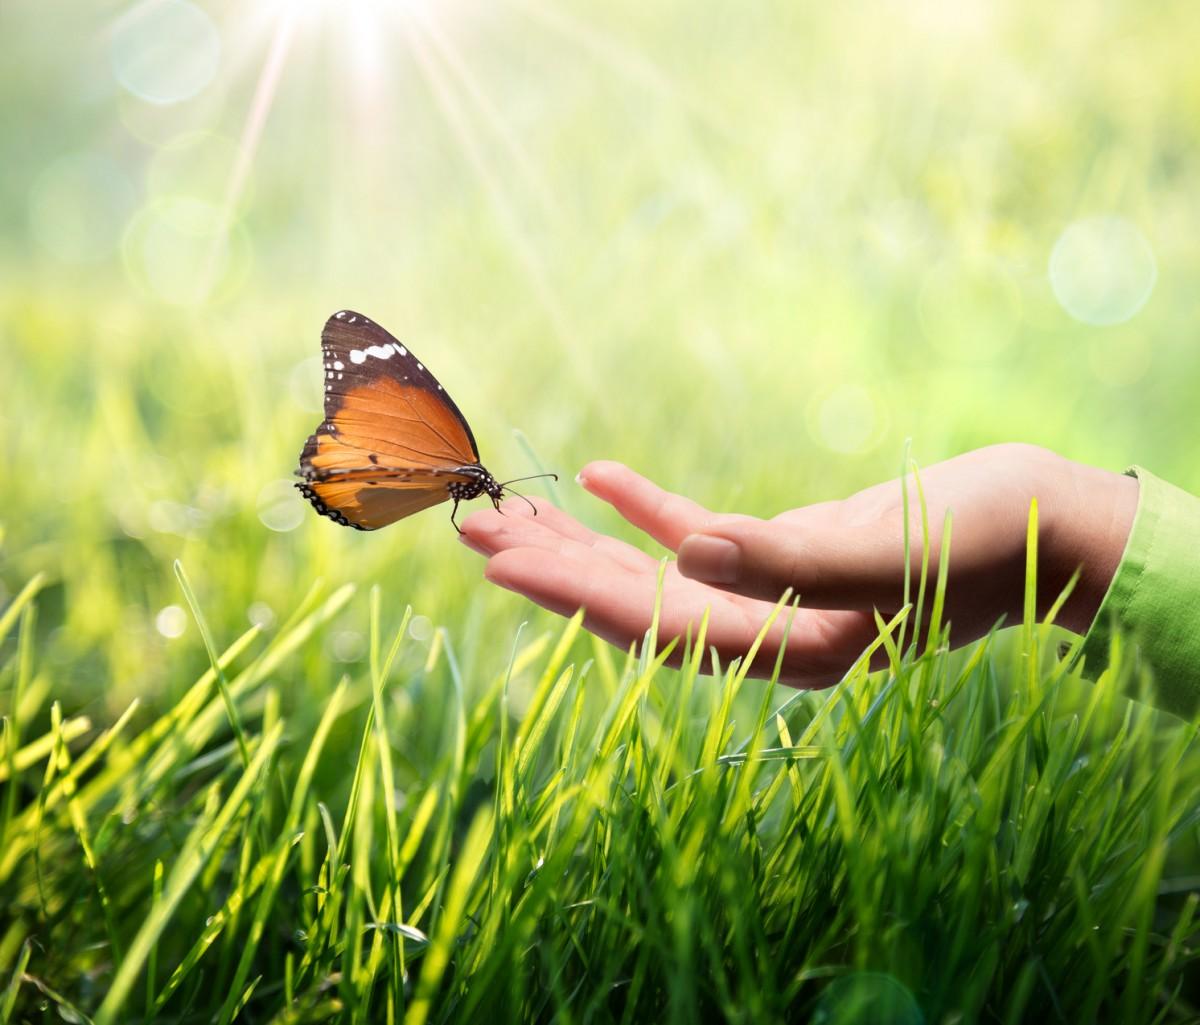 Der Tag zur Nachhaltigkeit am 18. Mai in Landau informiert über nachhaltige Lebensweisen. Foto: Fotolia/ RFsole